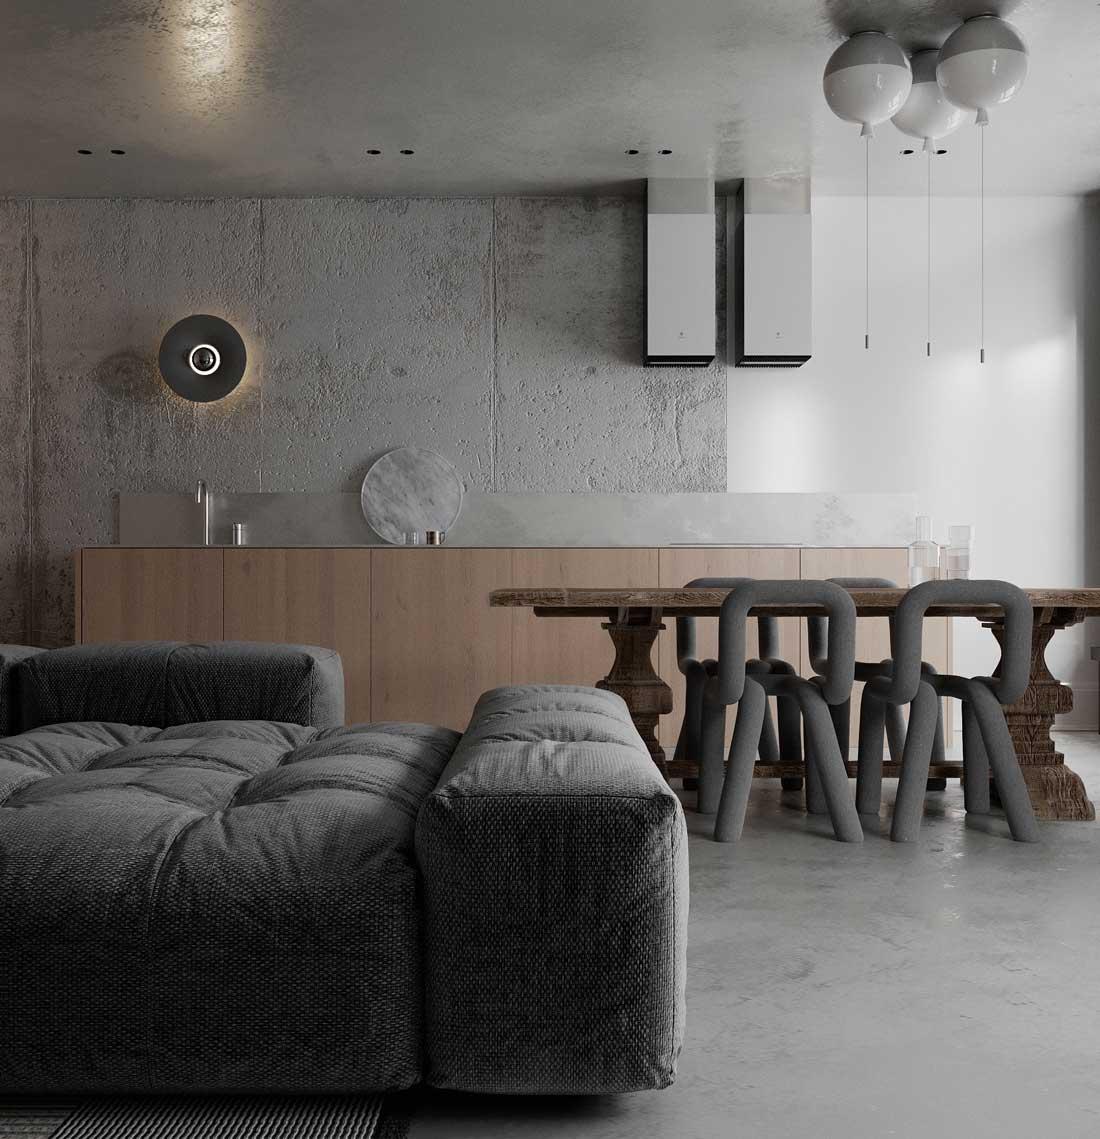 Des chaises textiles en tube s'accordent avec un canapé moelleux et se combinent à un intérieur sobre et naturel